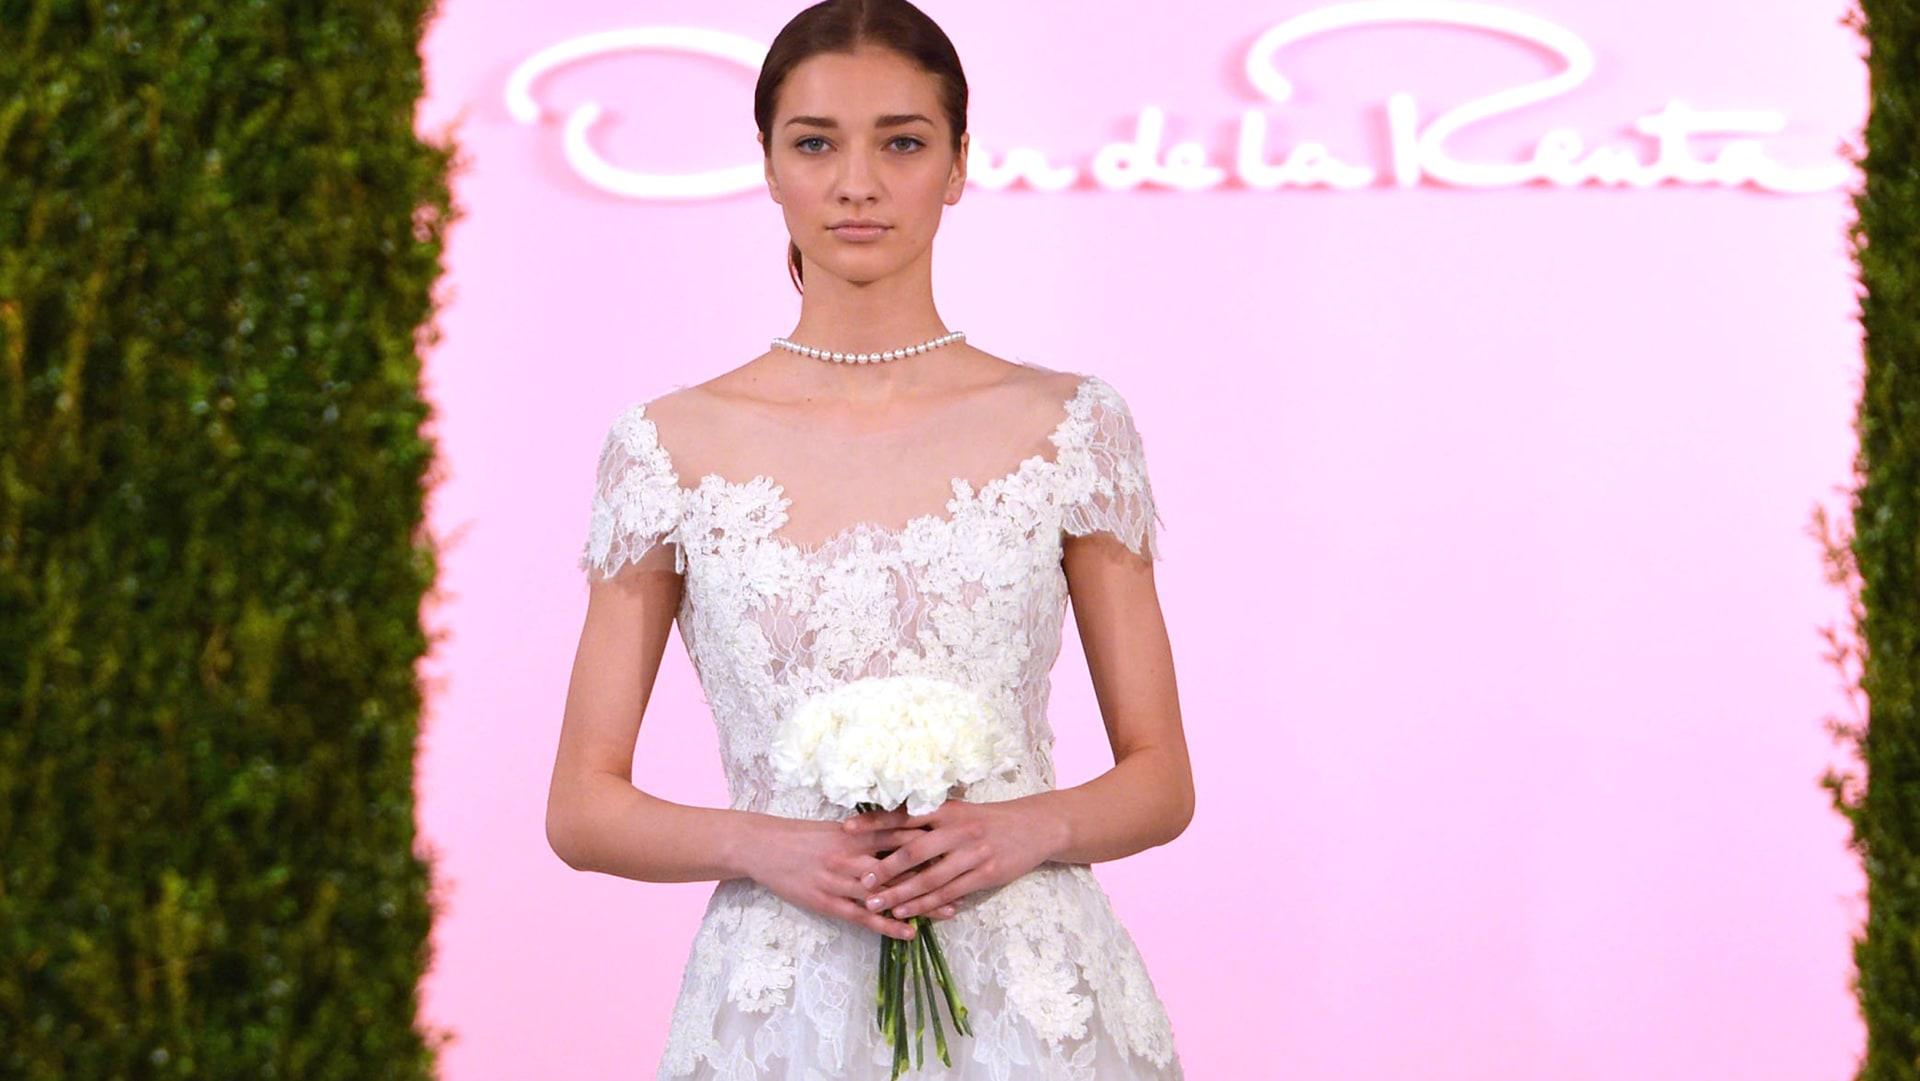 Image: Spring 2015 Bridal Collection - Oscar De La Renta - Show